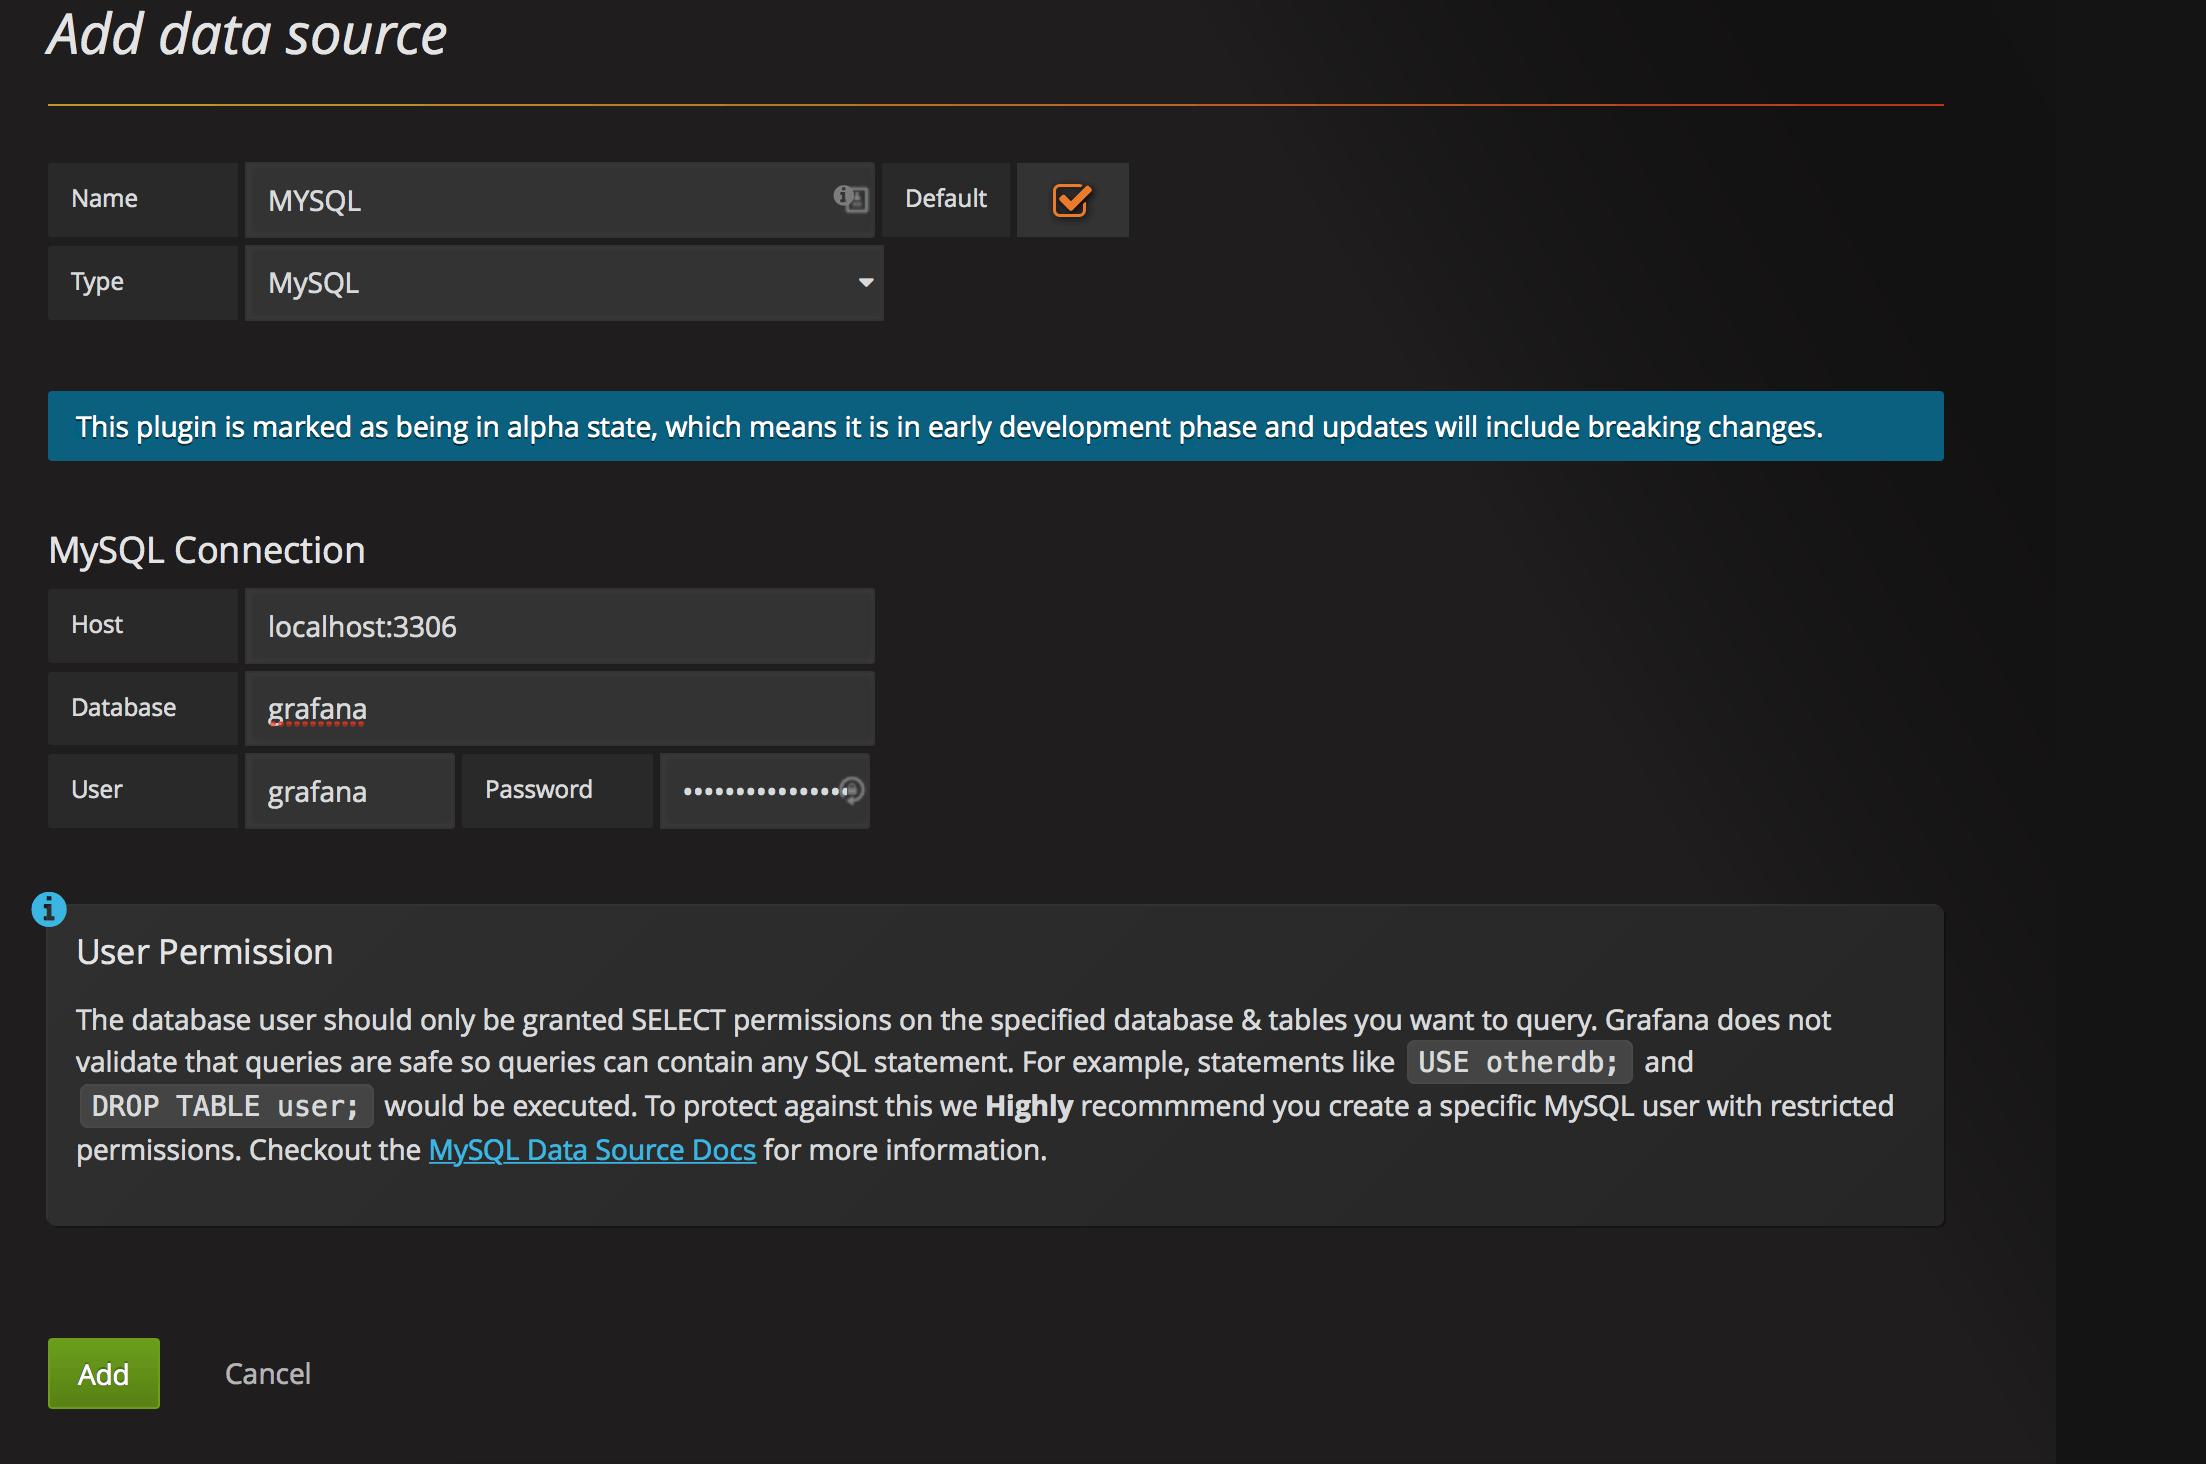 добавляем data source для grafana